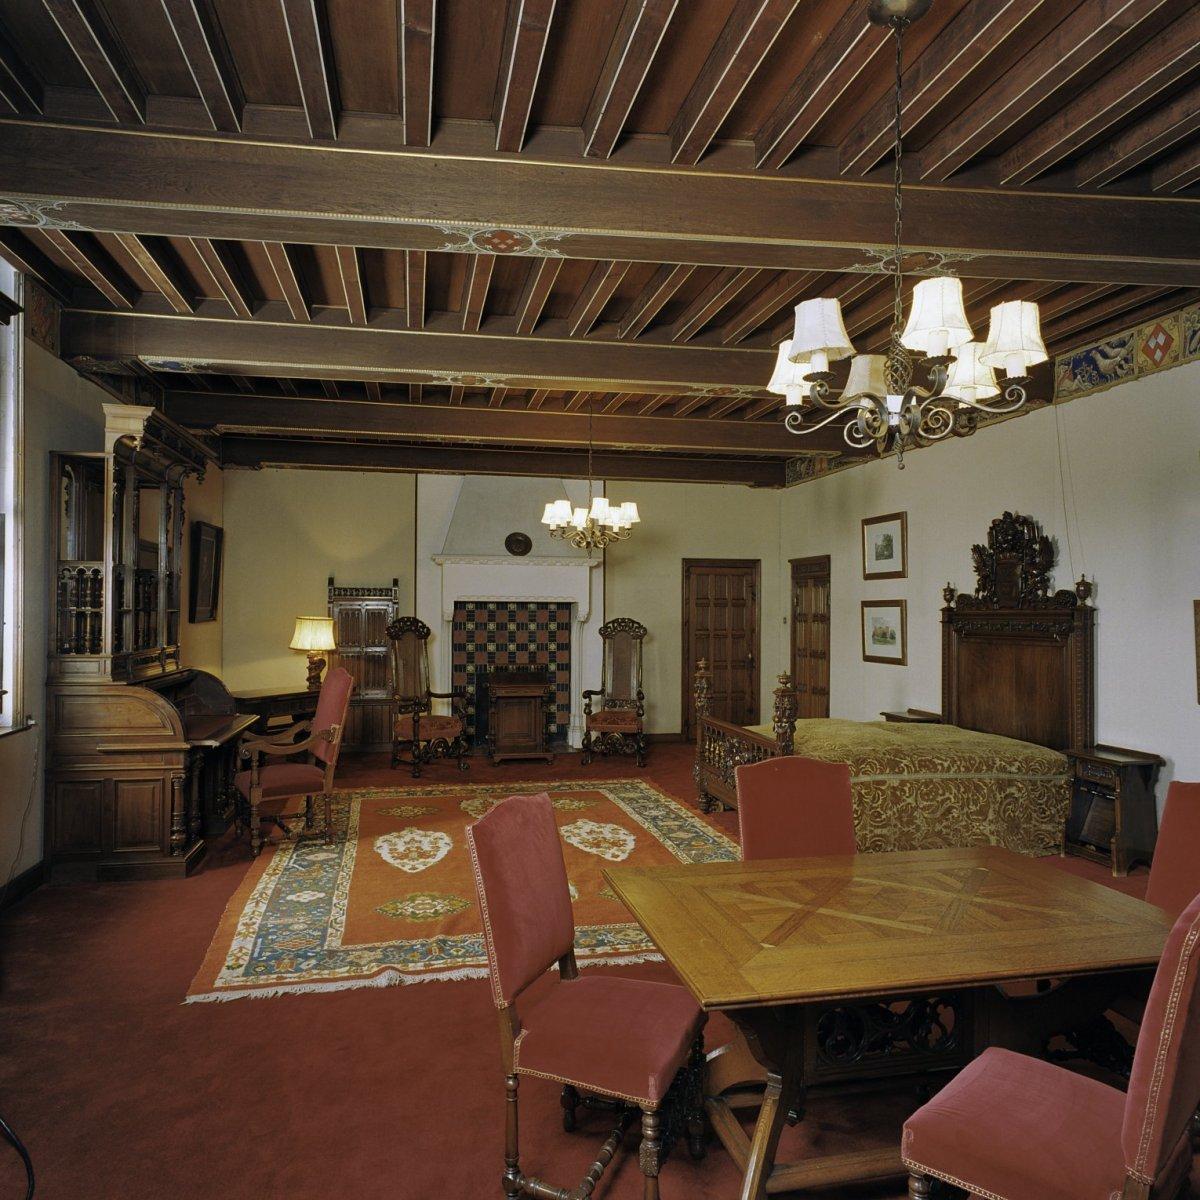 File vertrek slaapkamer 22 interieur gezien naar het noordoosten met zithoek en tafel - Interieur slaapkamer ...